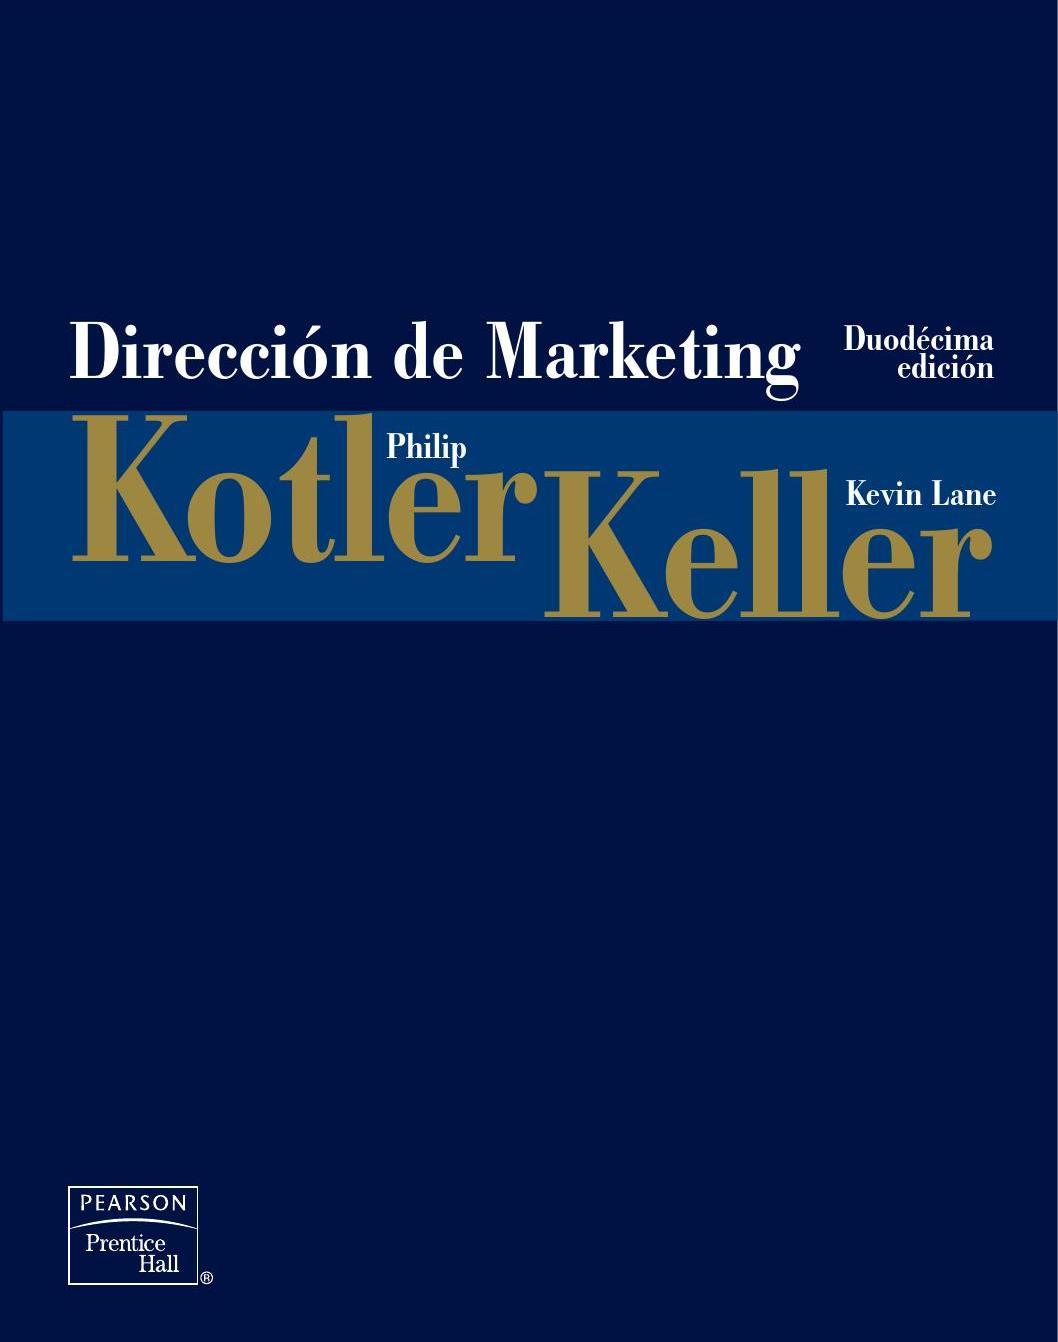 Resultado de imagen para Direccion de Marketing - Philip Kotler & Kevin Lane Keller - 12va Edicion.